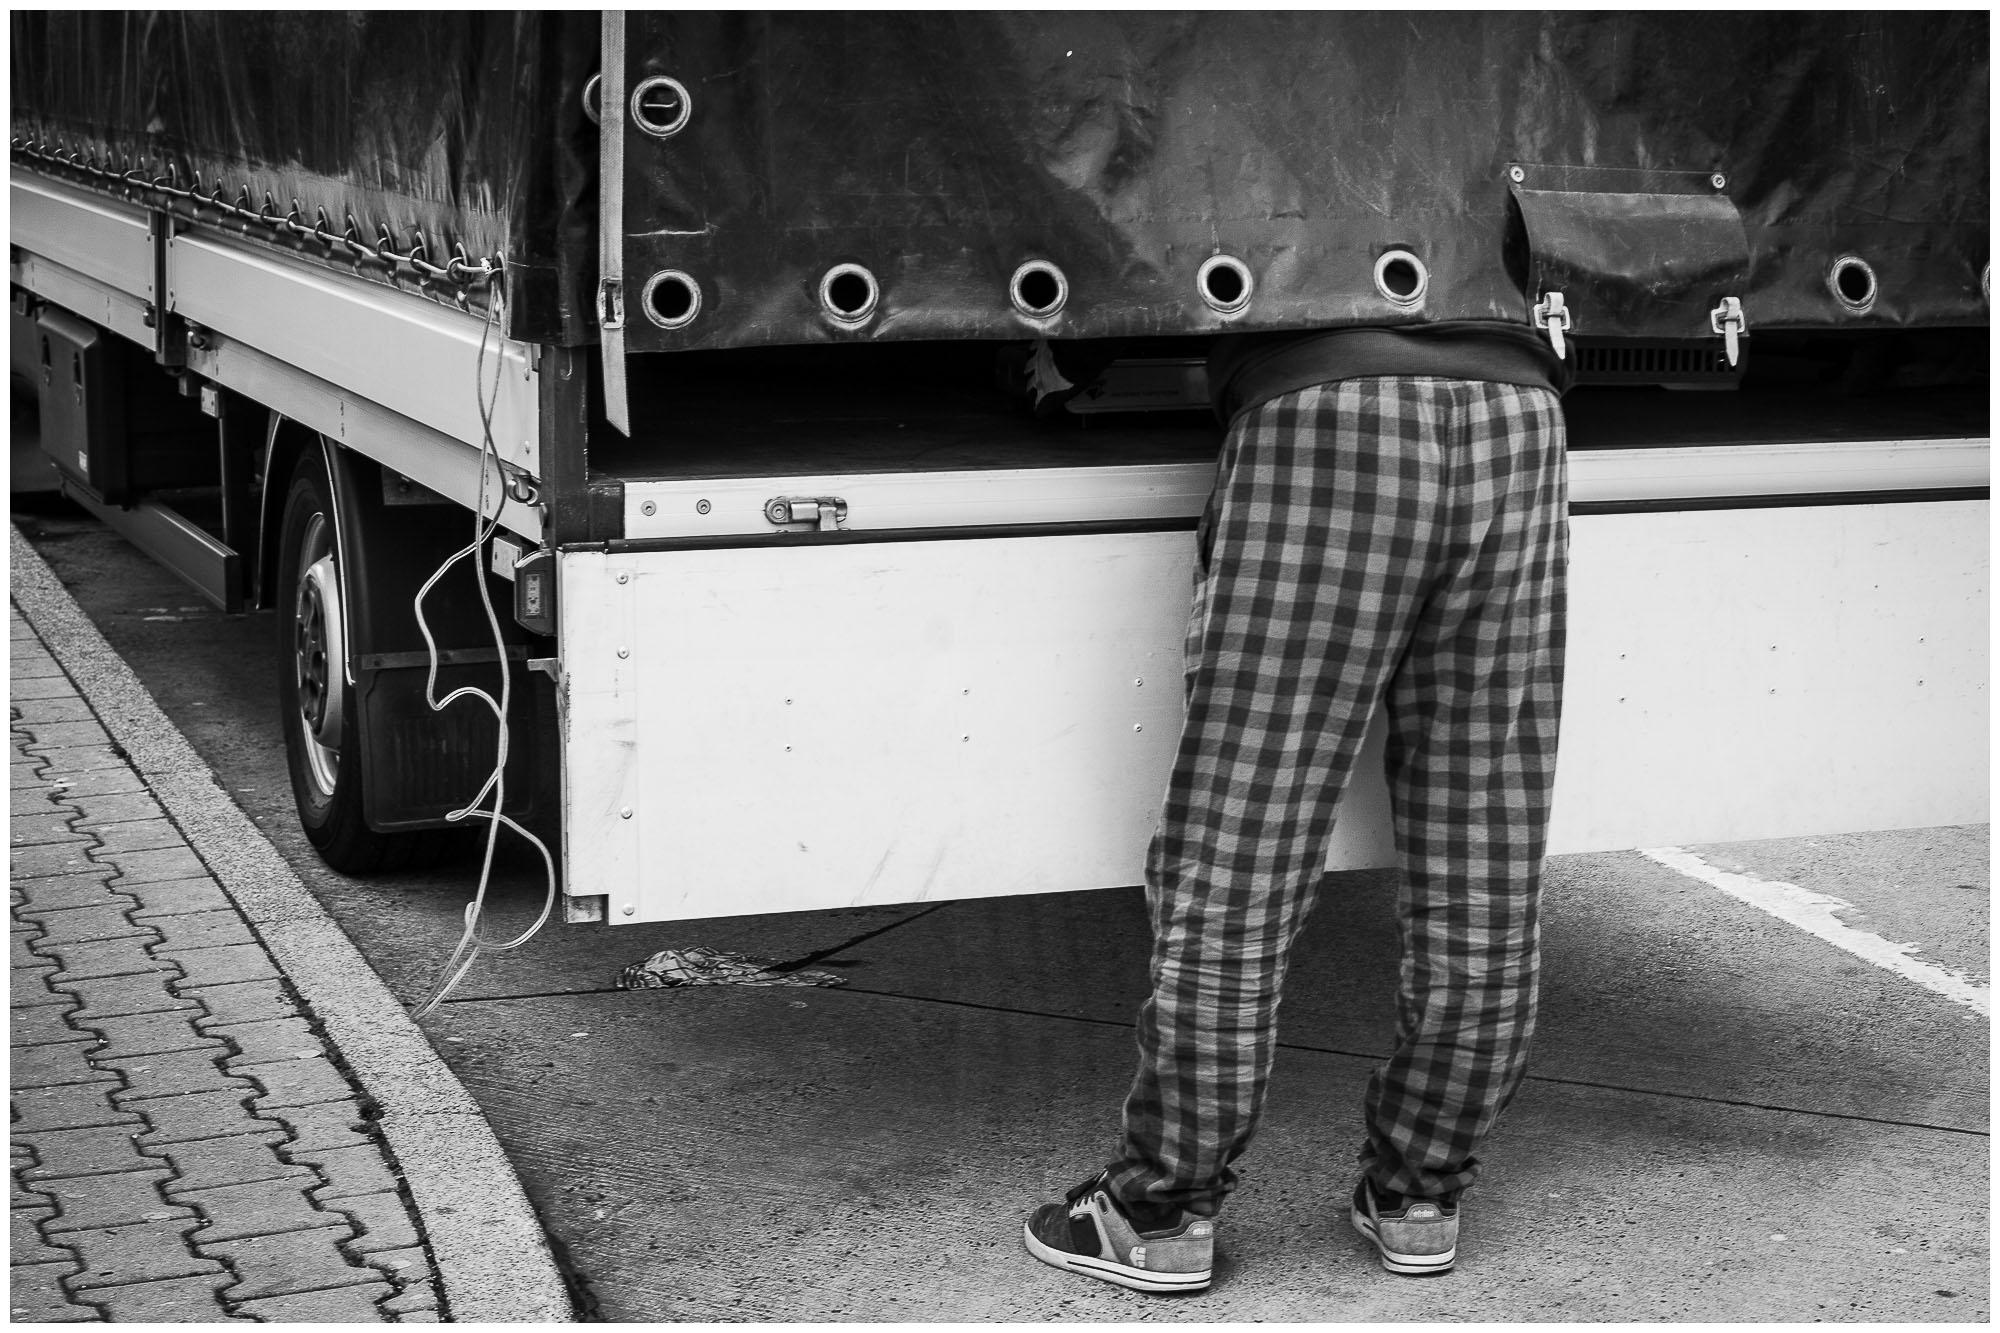 UnclePete / Kariertbehoster Trucker